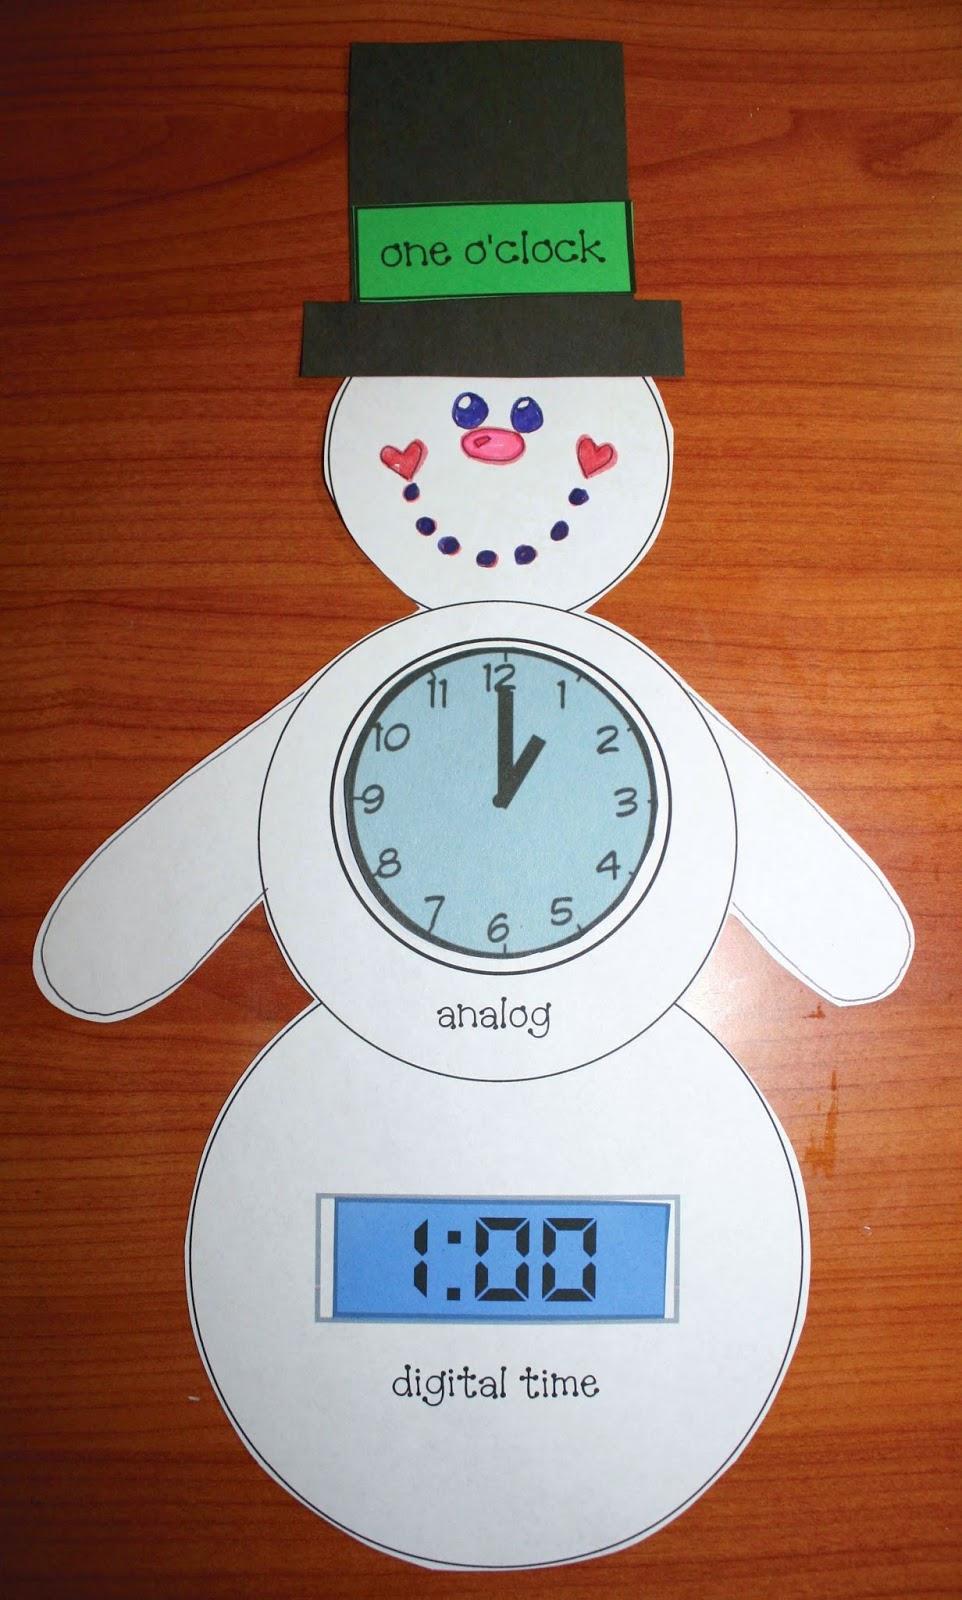 http://2.bp.blogspot.com/-UKV-F95yn6A/VLP-a62DWOI/AAAAAAAAM-o/FgF928KnvnA/s1600/Snowman%2BClock%2Bcov.jpg